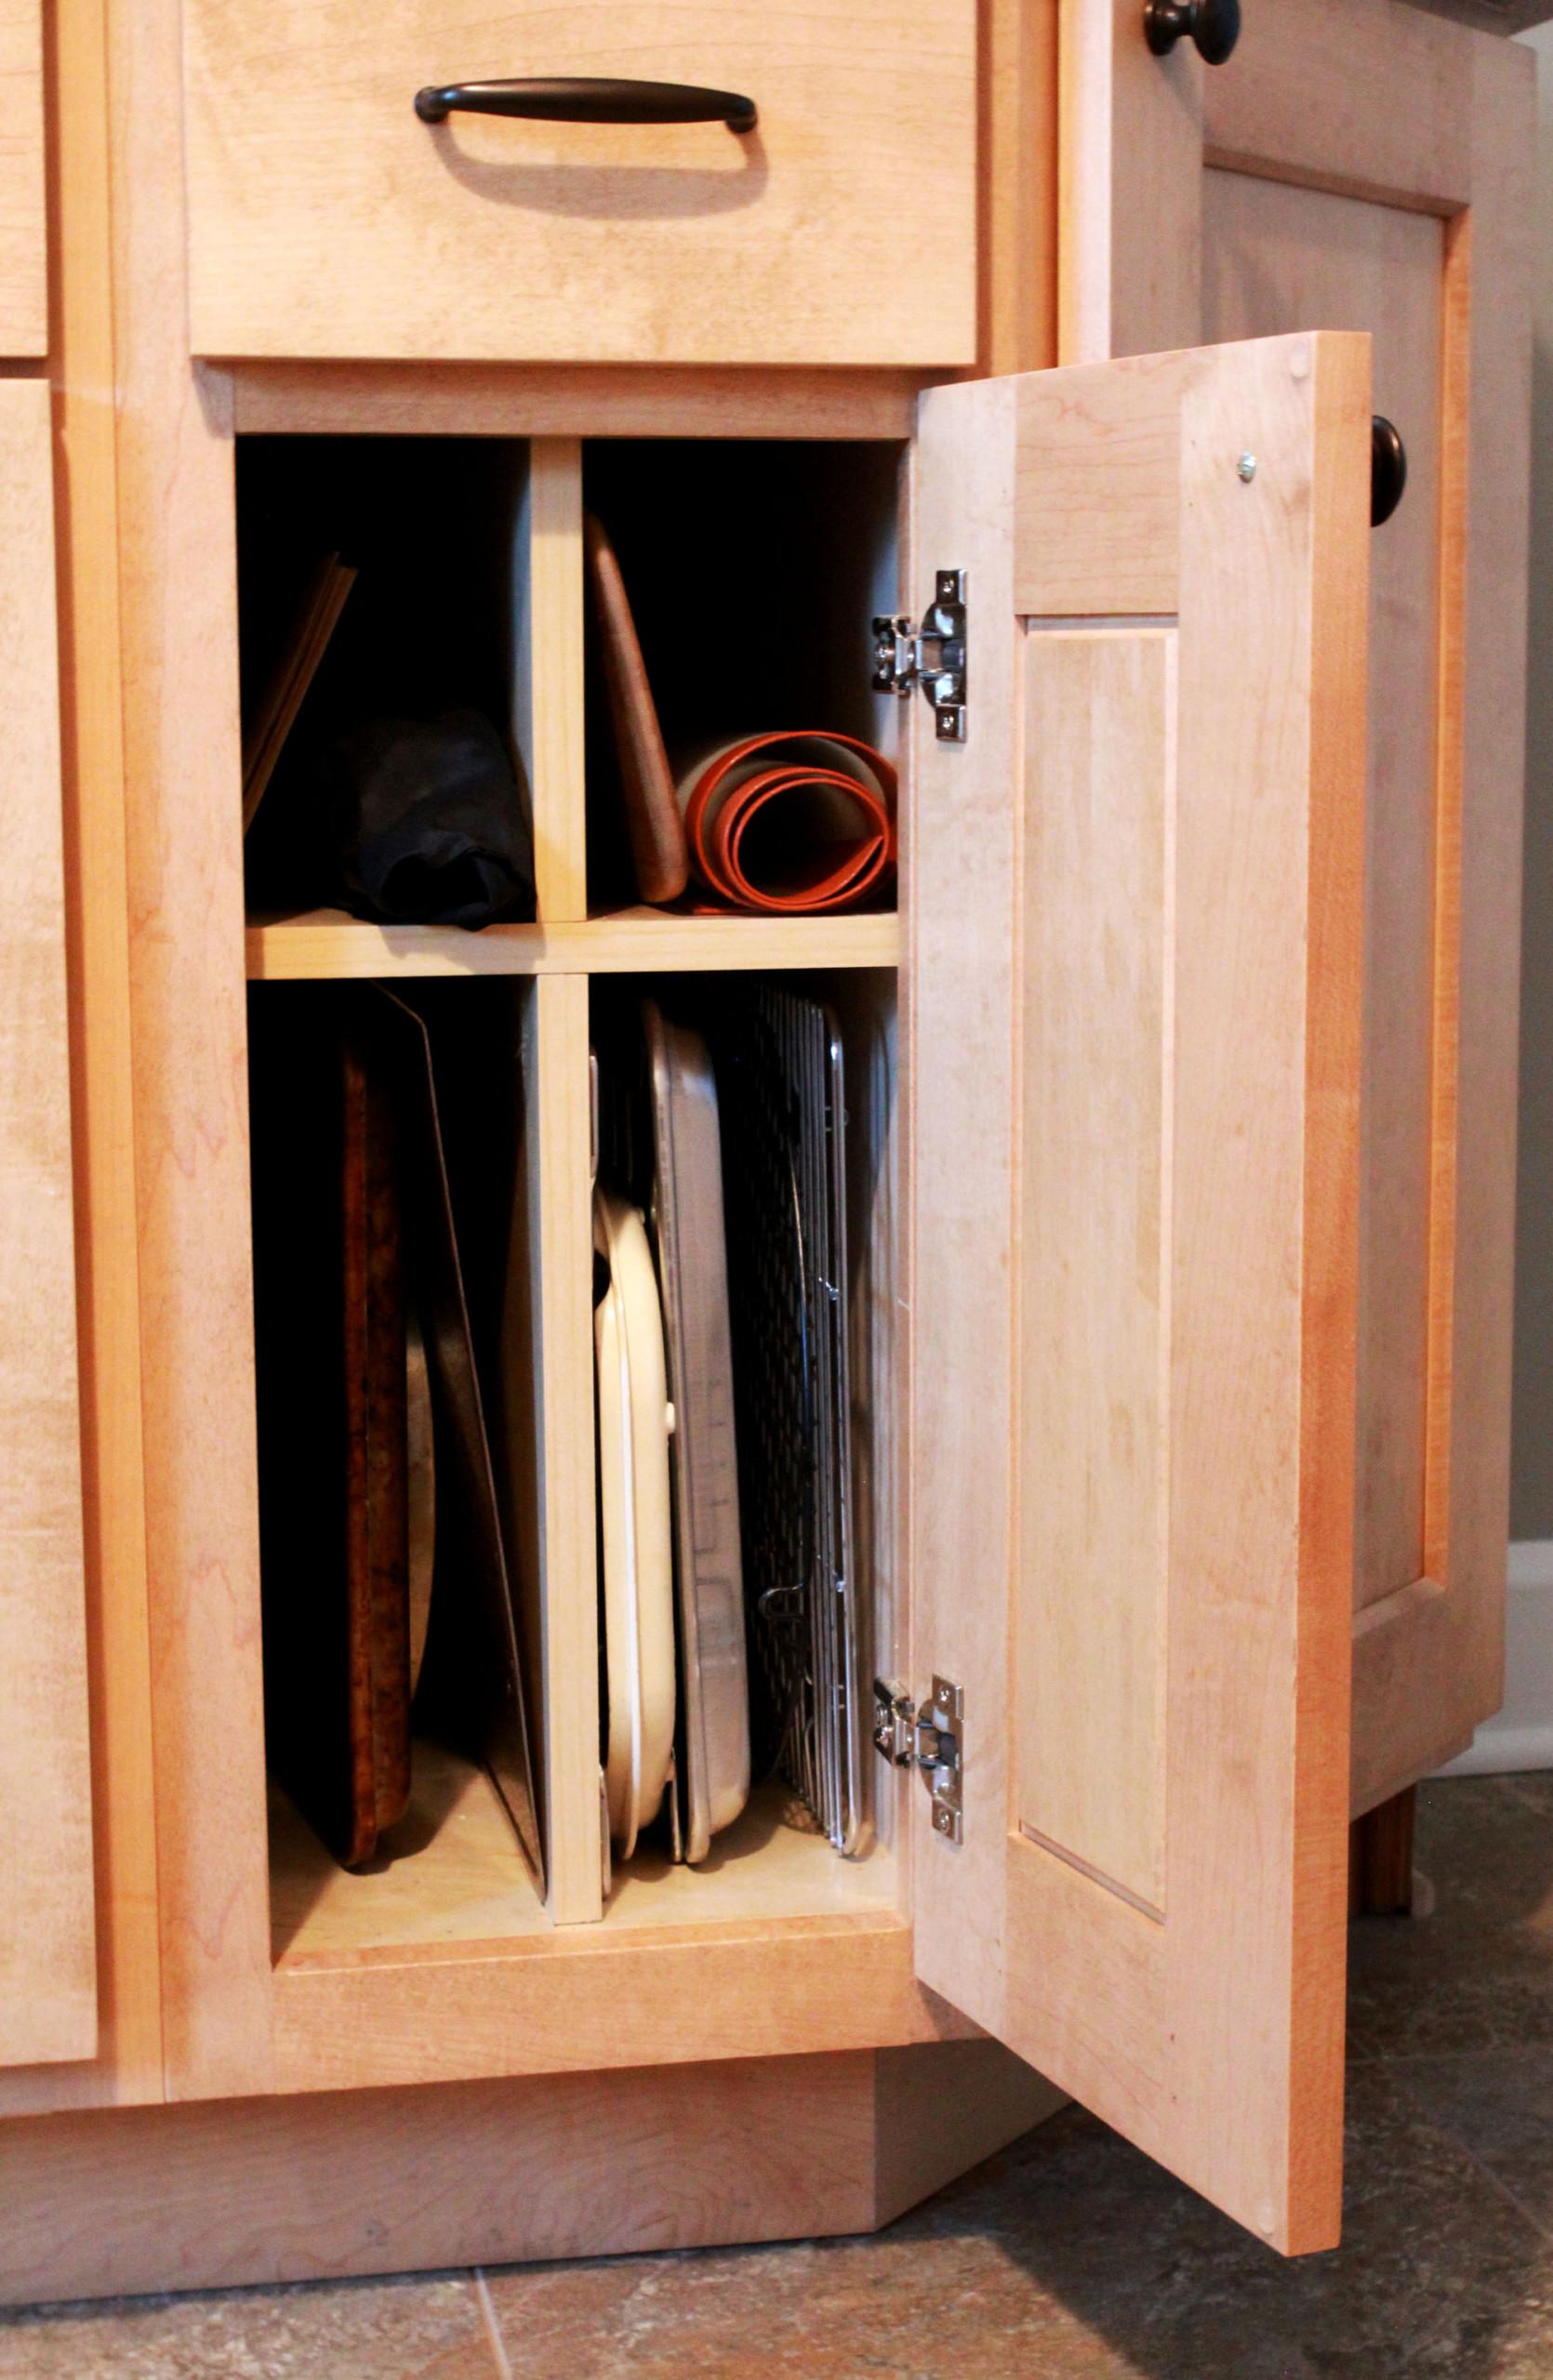 Cabinet Interior Features